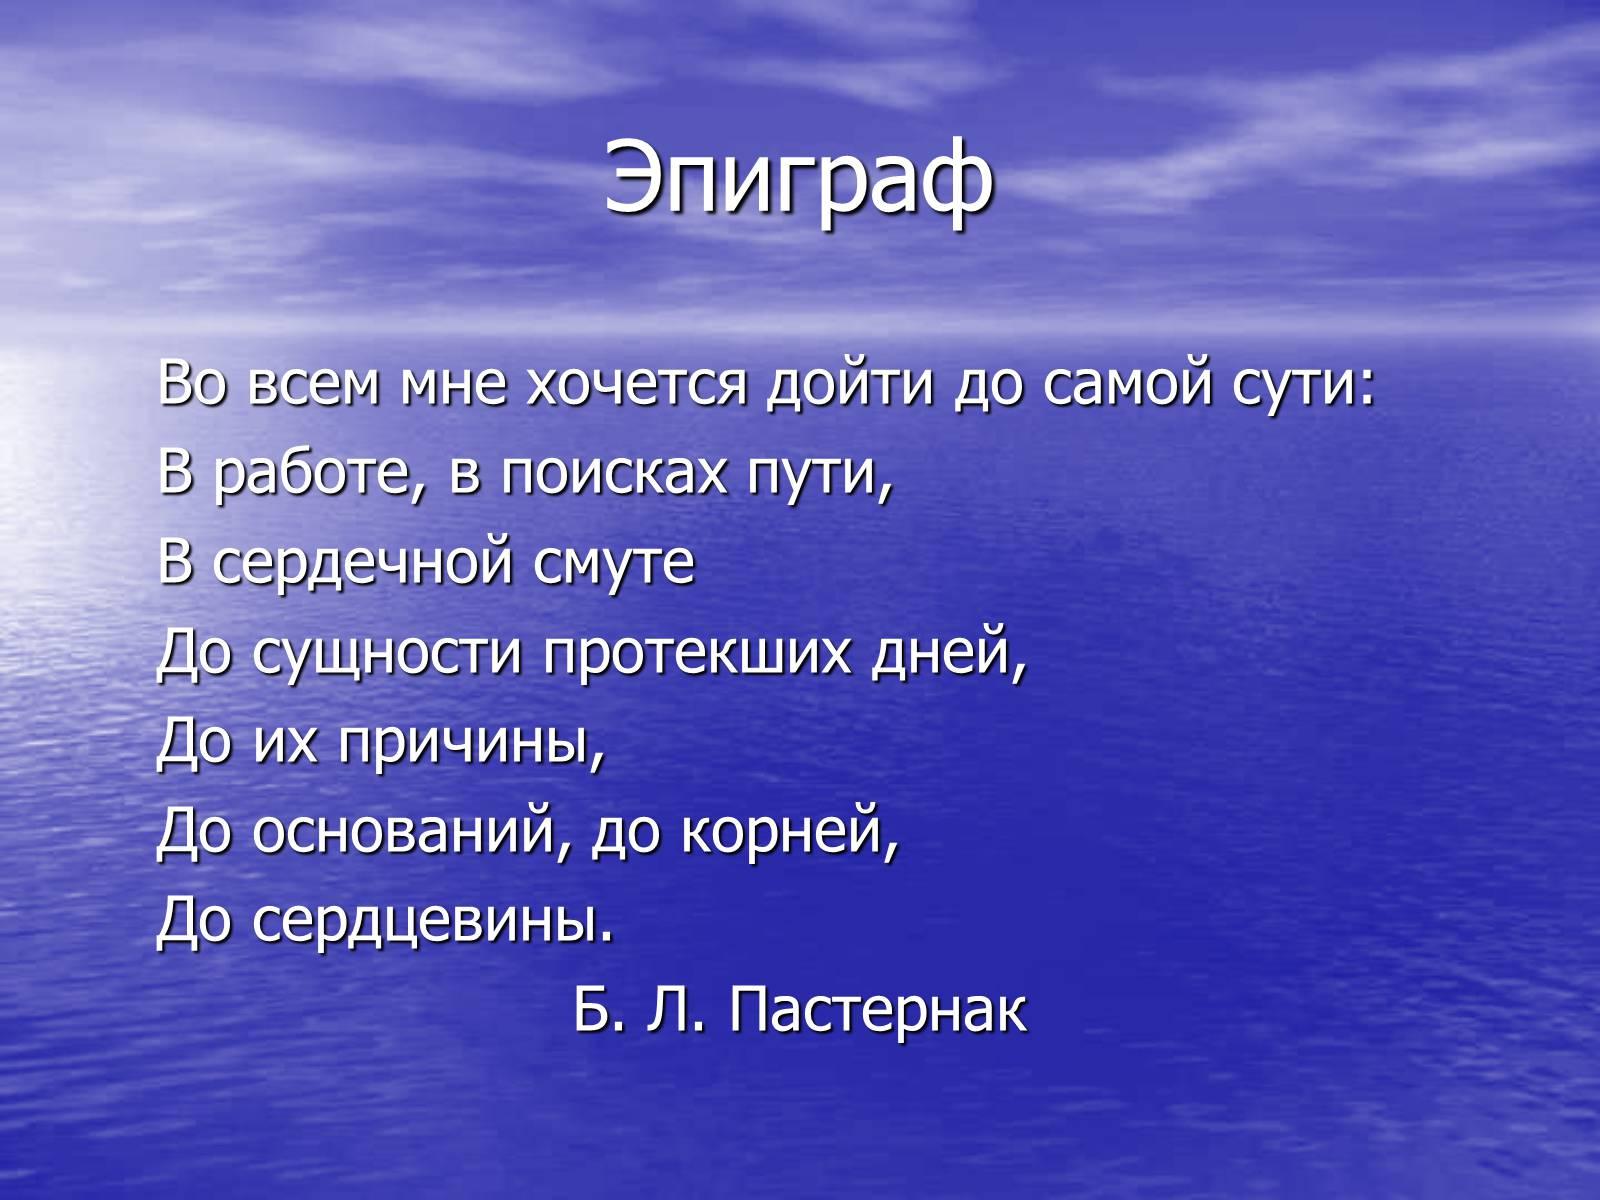 Стих об эпиграфе